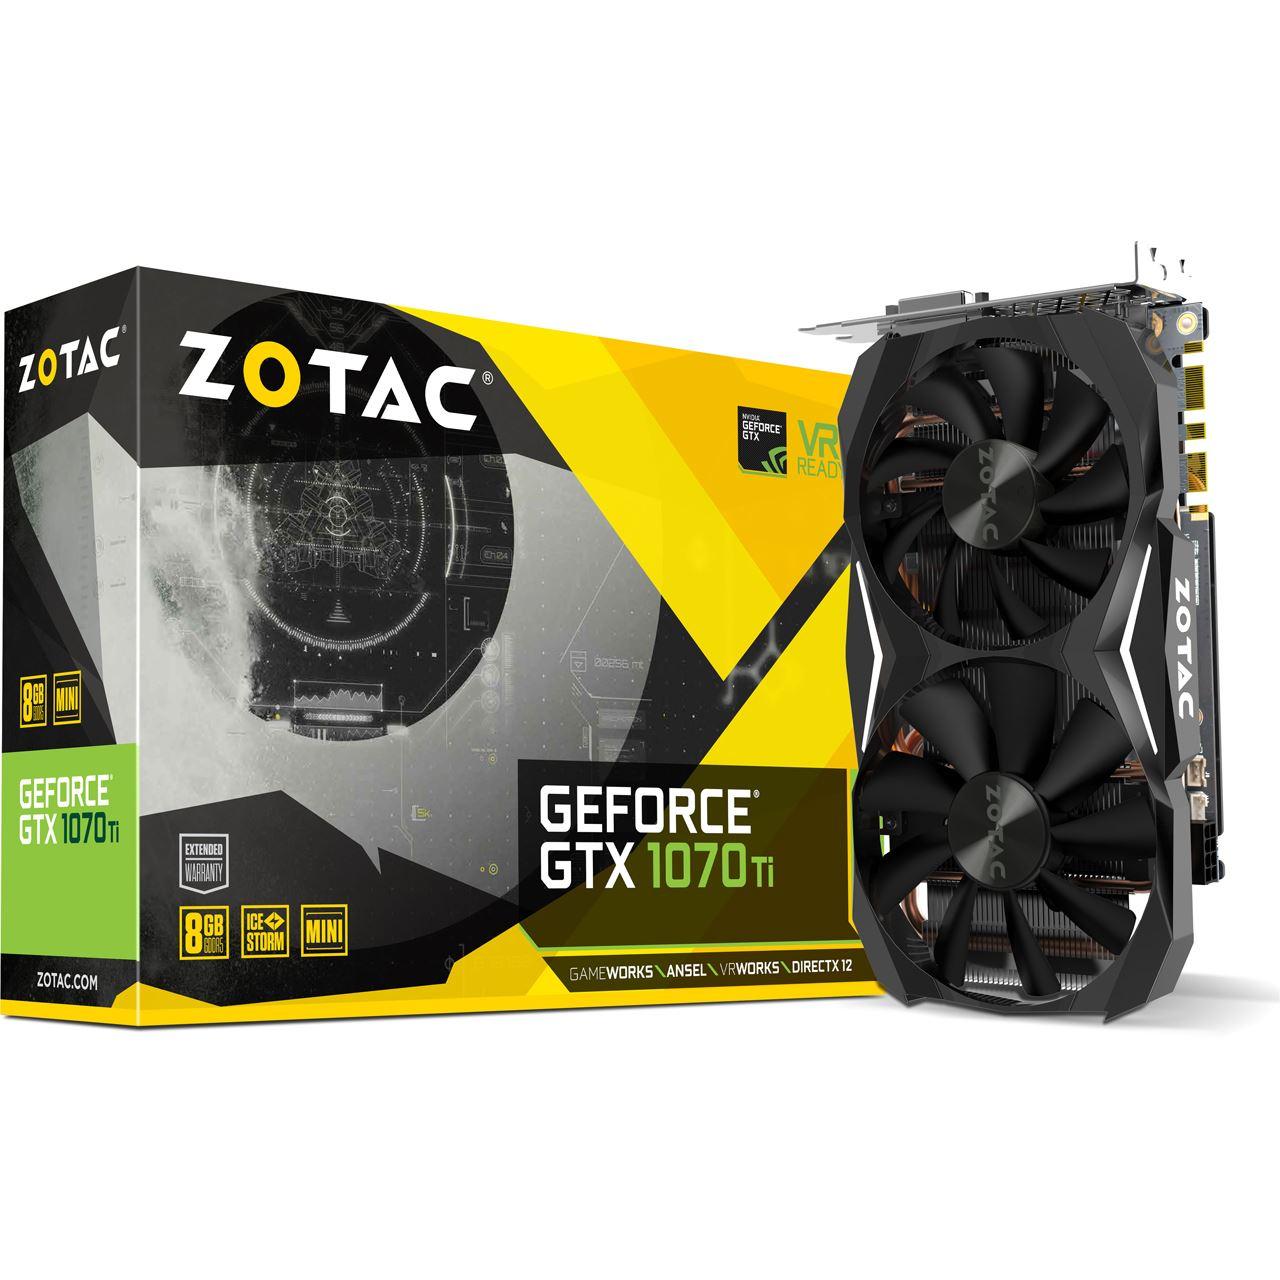 [BEST PREIS] ZOTAC GeForce GTX 1070TI für 375.75€ inklusive Versand bei Hardwarhouse